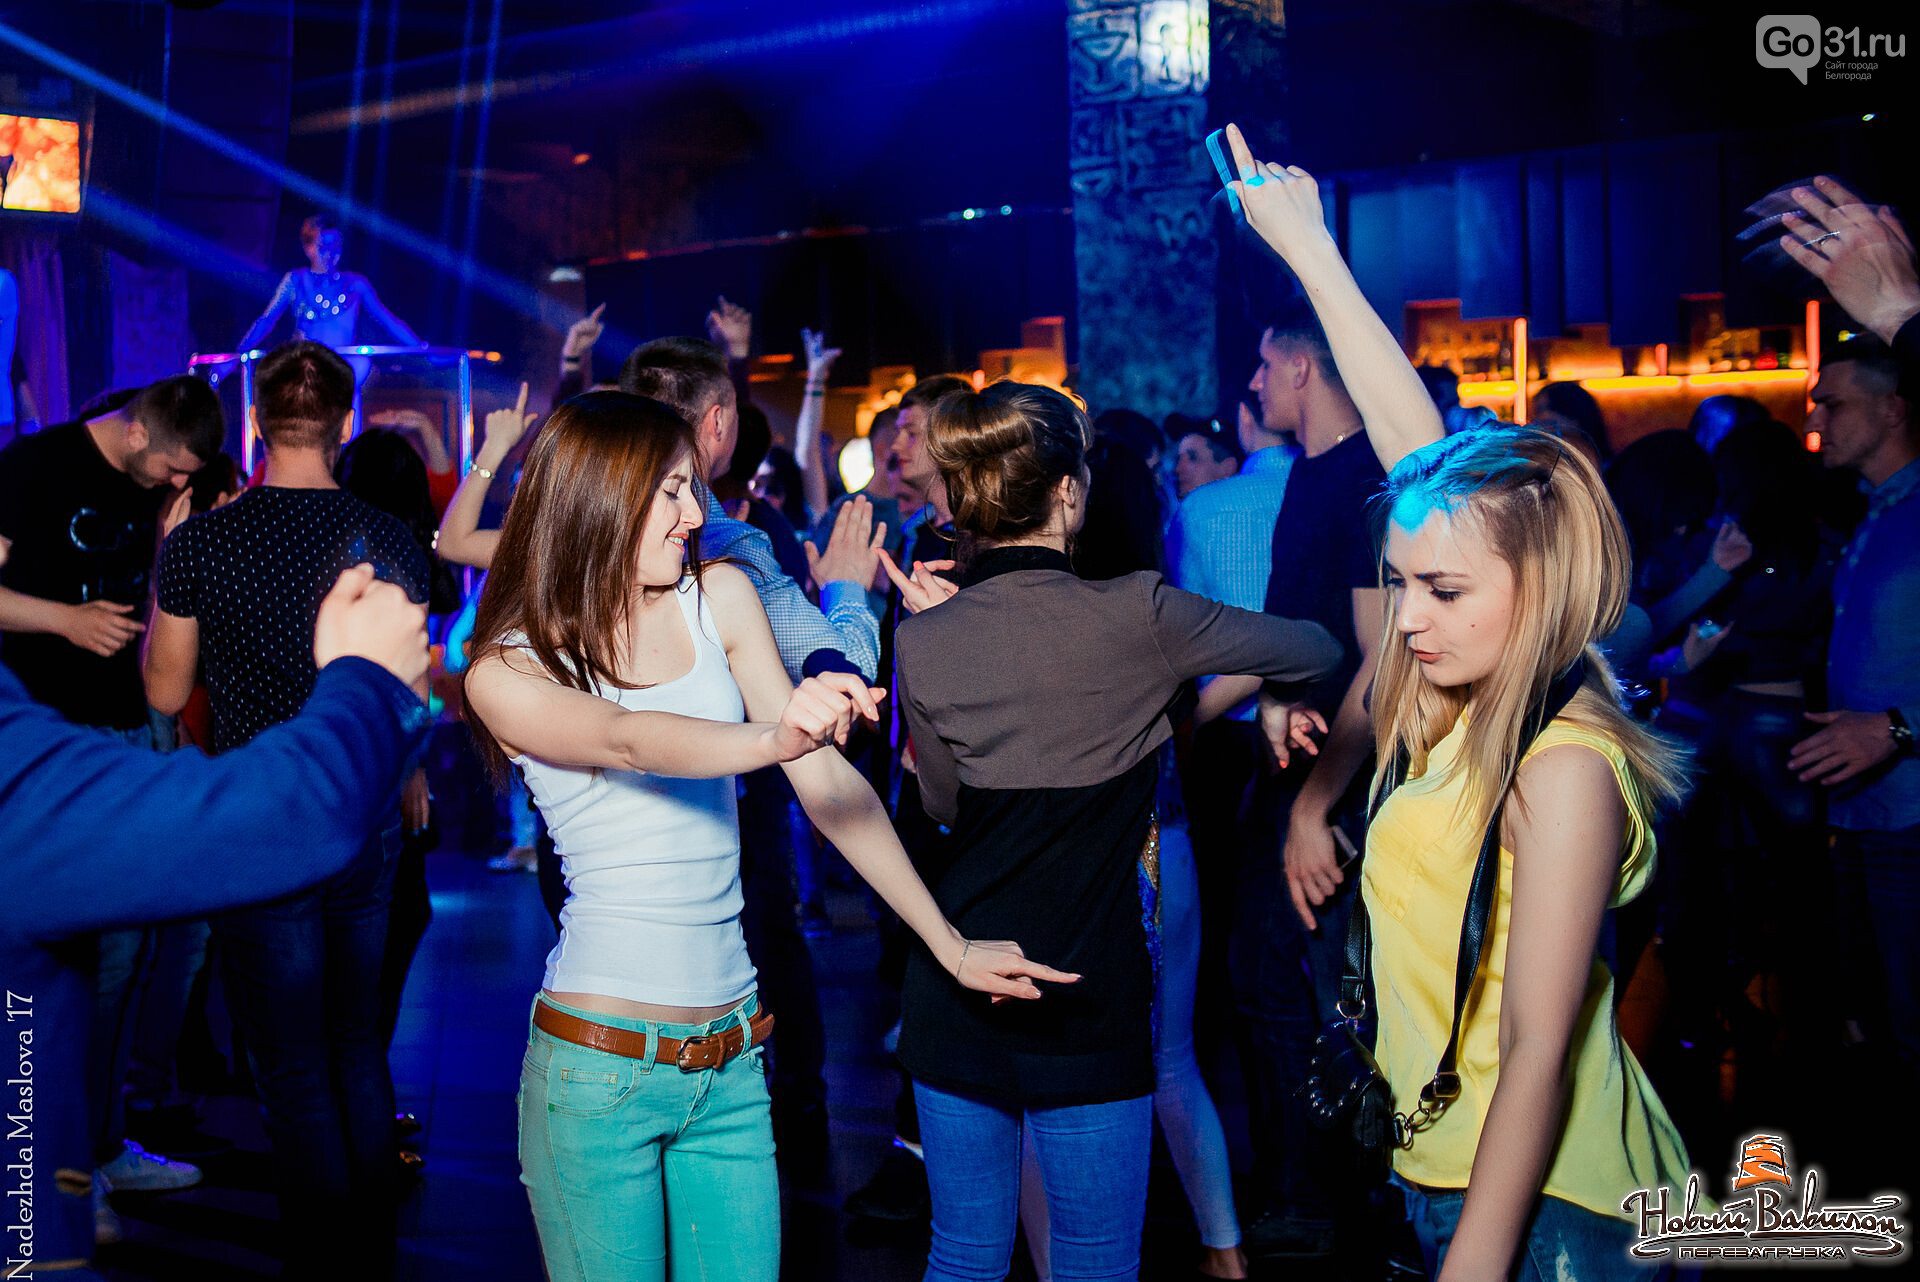 Ночные клубы белгорода официальные сайты ночной клуб с рестораном москва